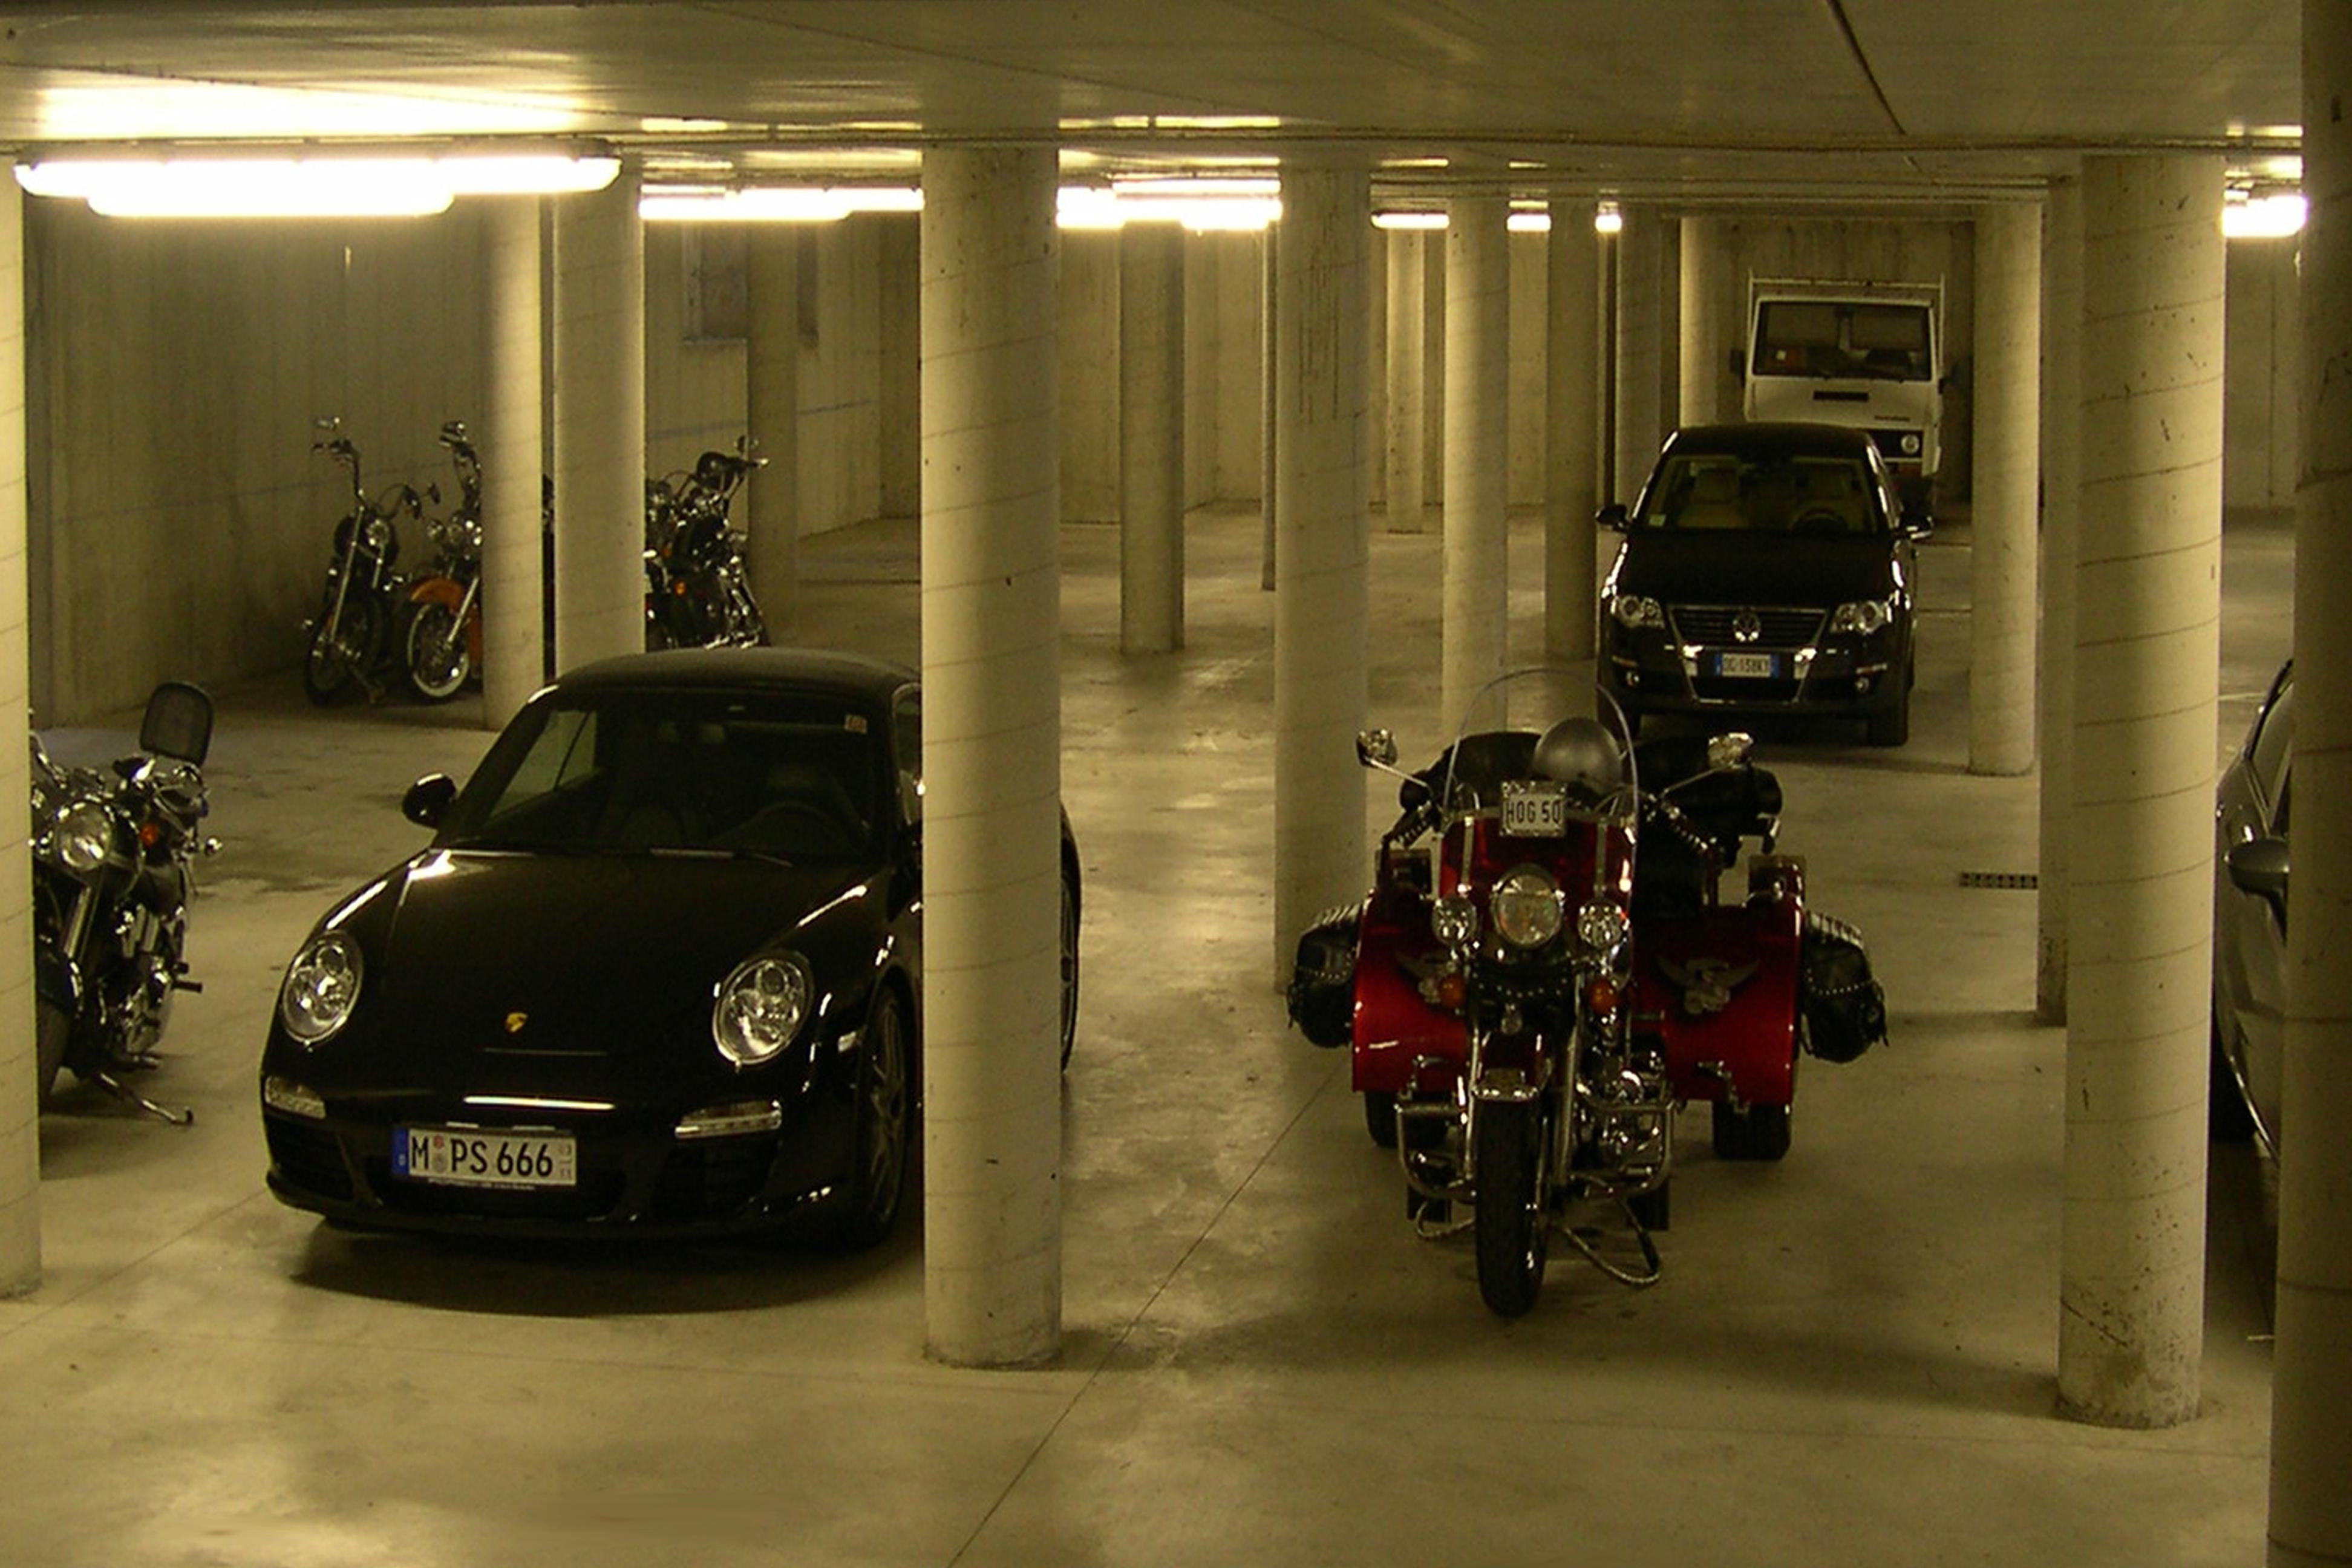 hotel Manerba Parkplatz gratis